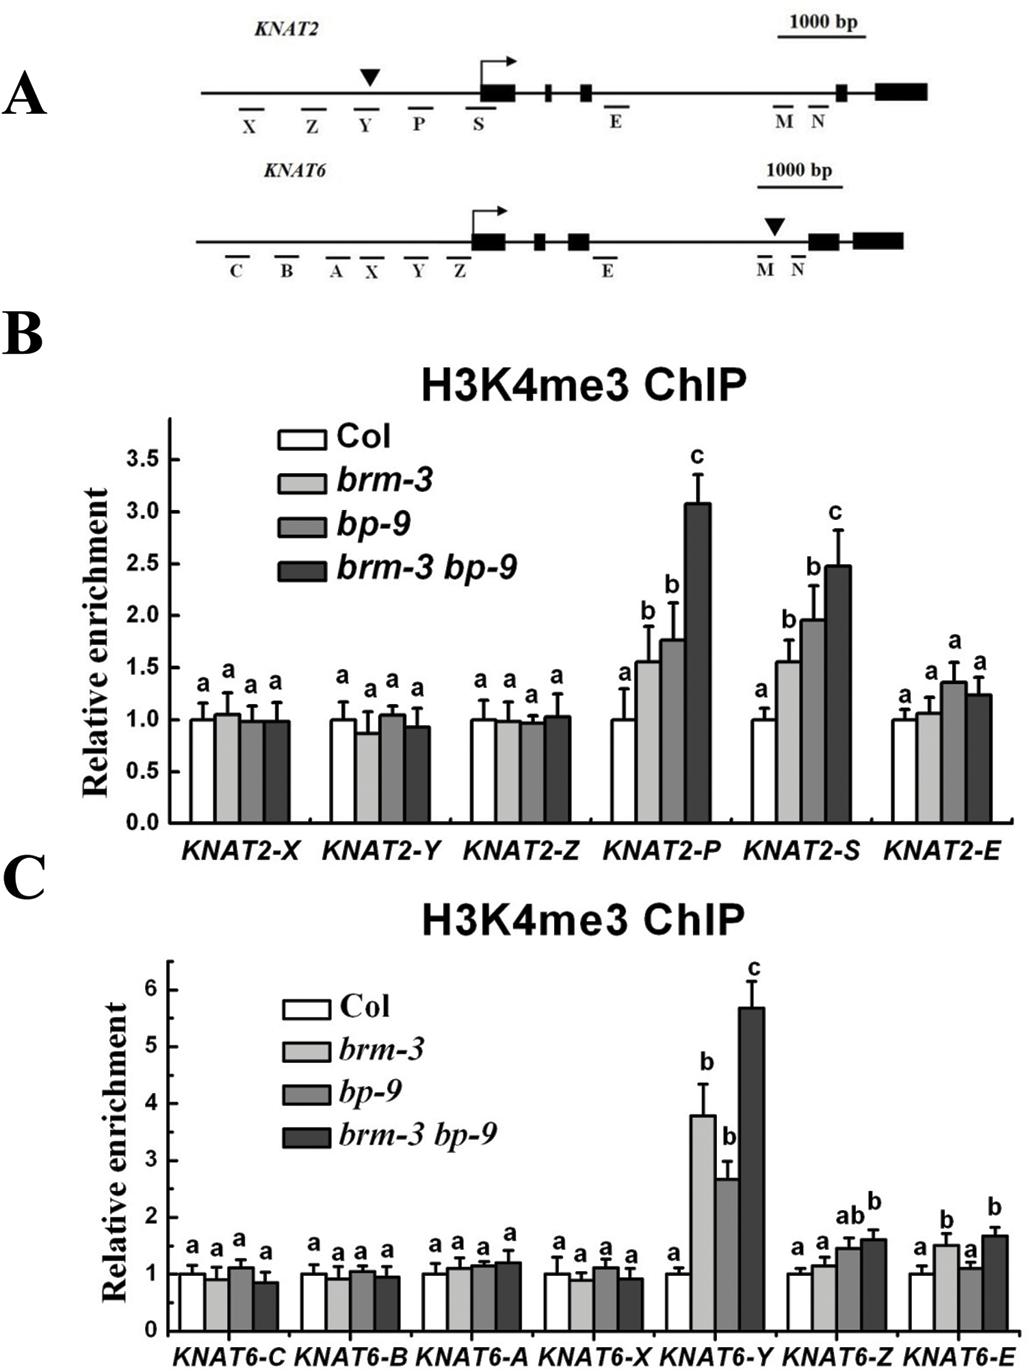 BRM and BP decrease H3K4Me3 levels of <i>KNAT2</i> and <i>KNAT6</i> in inflorescences.